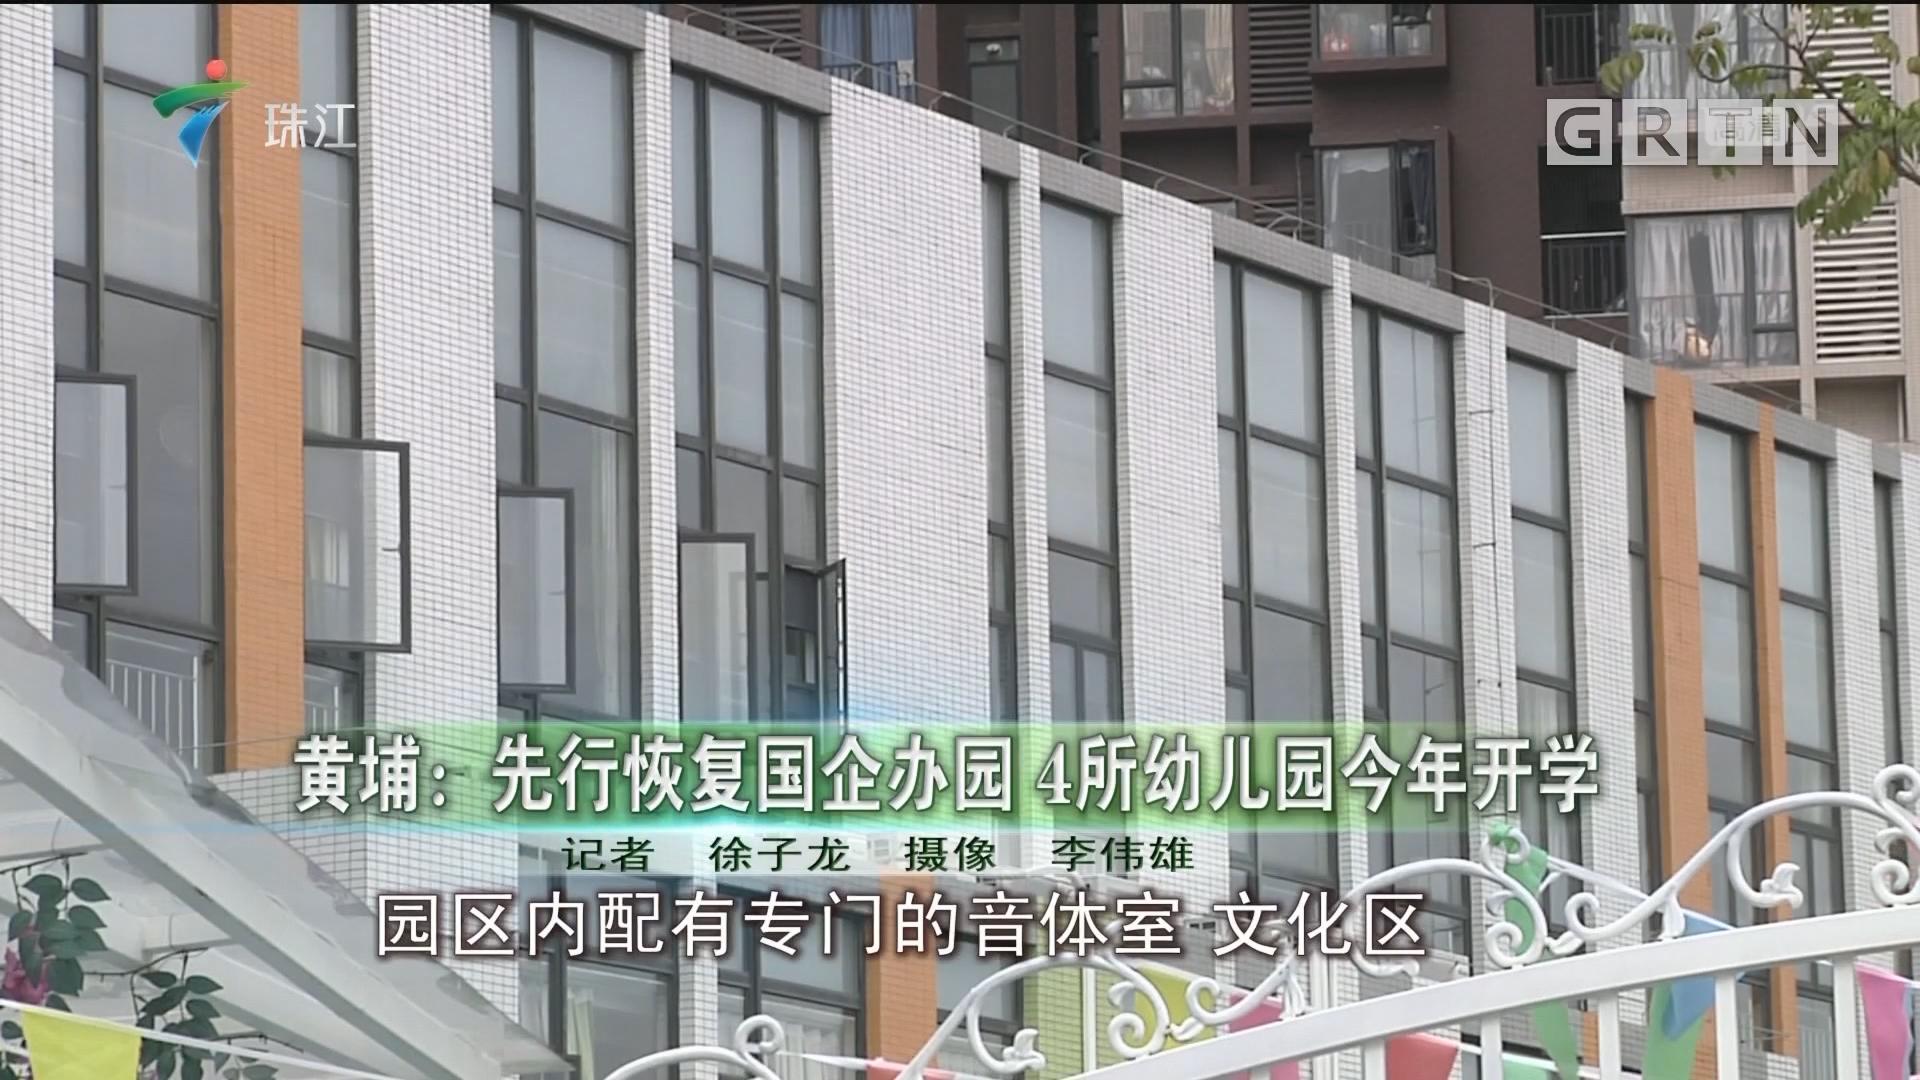 黄埔:先行恢复国企办园 4所幼儿园今年开学